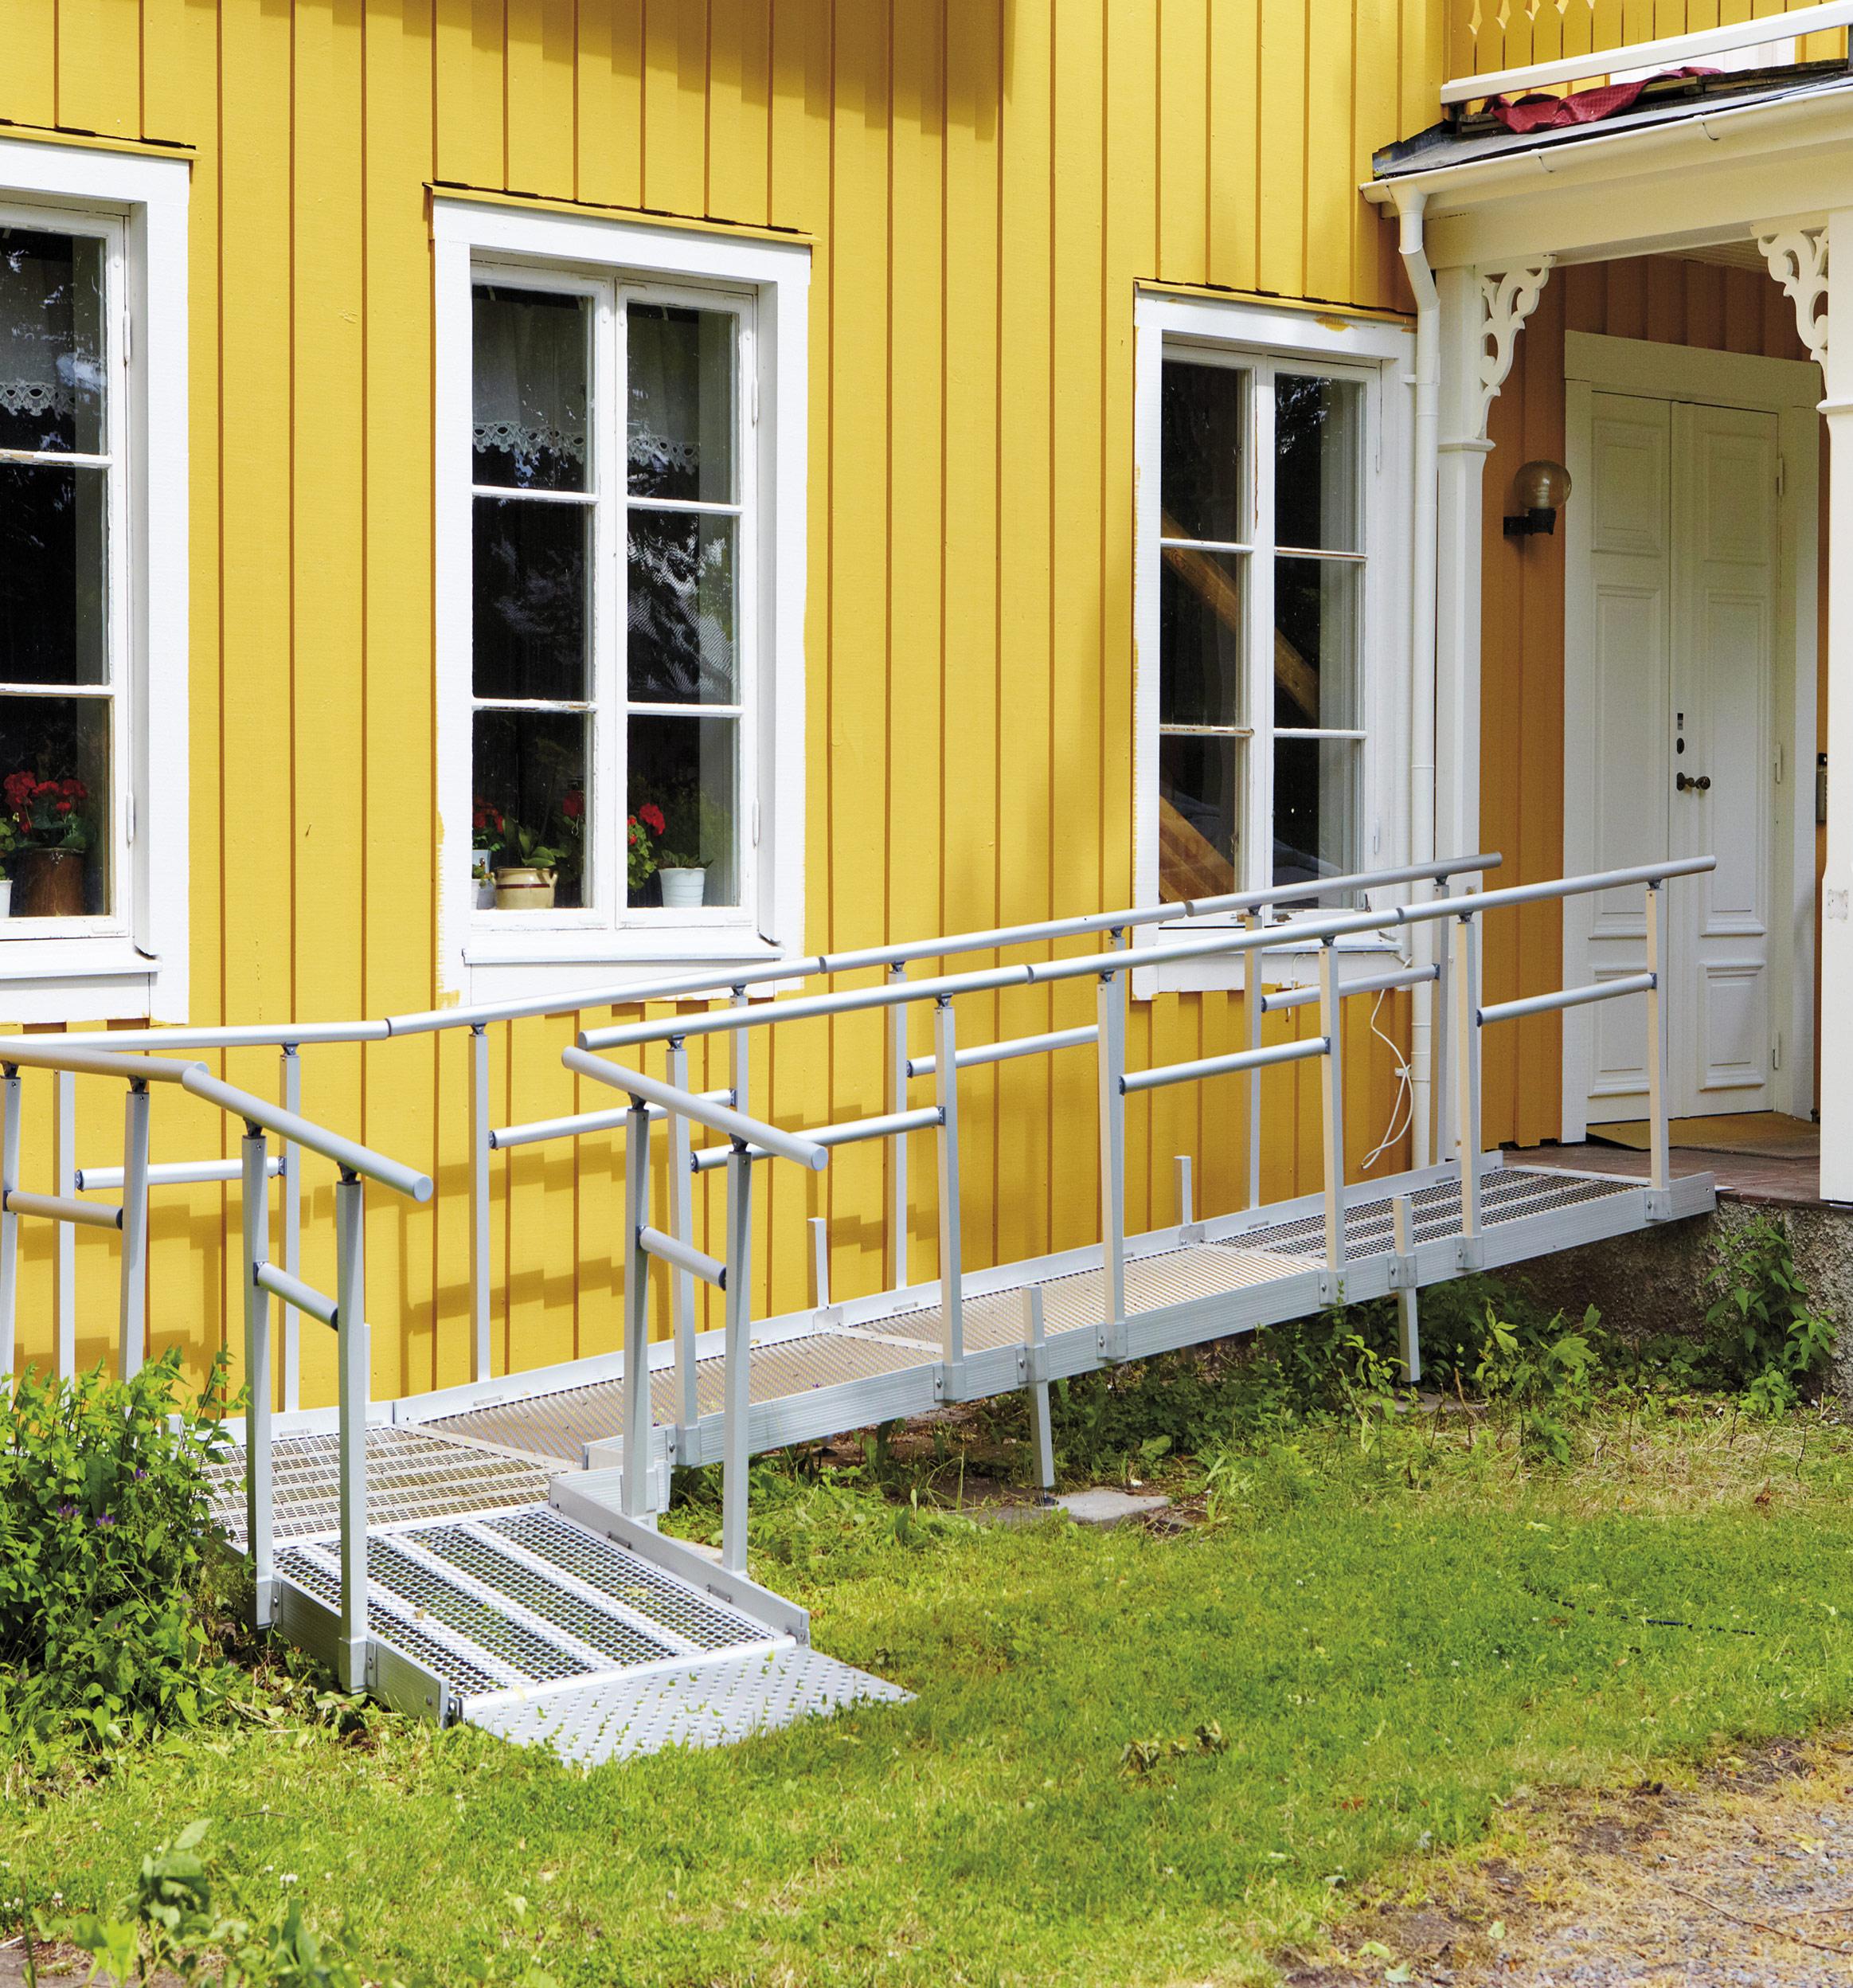 unkomplizierte-Rampensystem-fuer-unterschiedliche-Anforderungen-zur-Barrierefreiheit-im-eigenen-Haus-oder-Mietwohnung